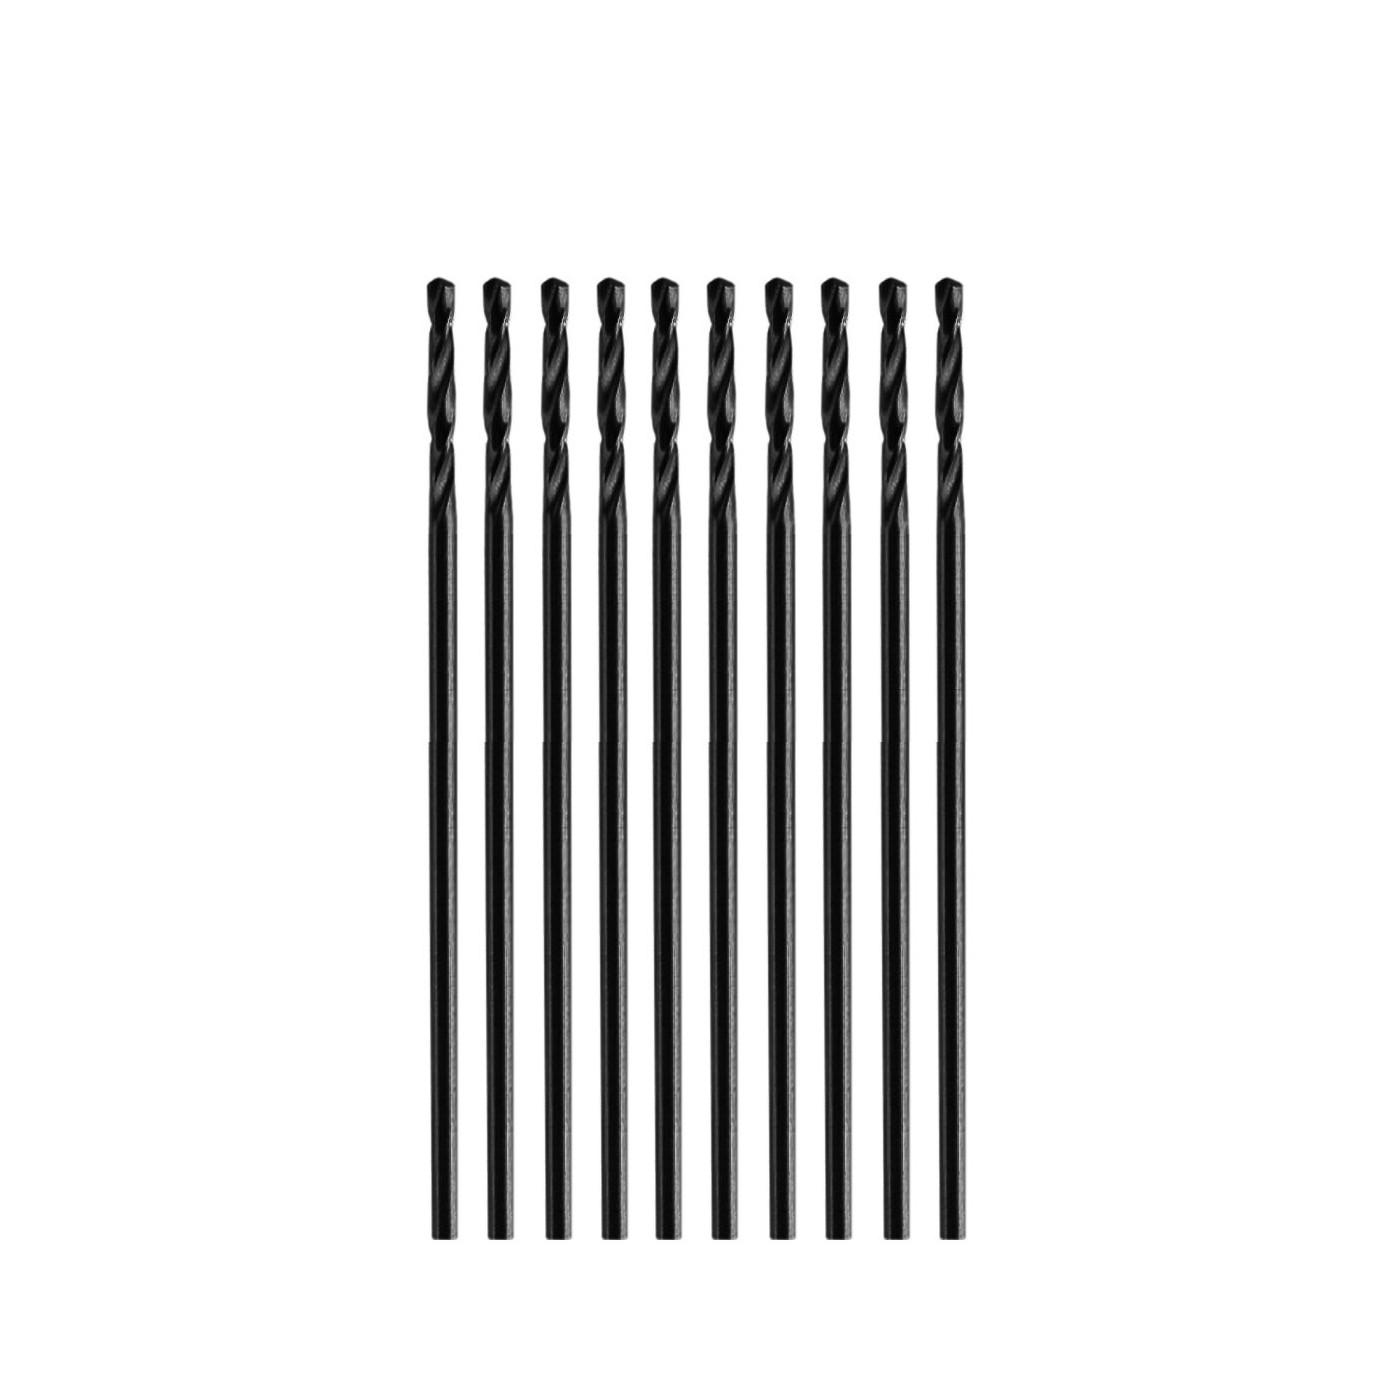 Set of 10 small metal drill bits (2.3x55 mm, HSS)